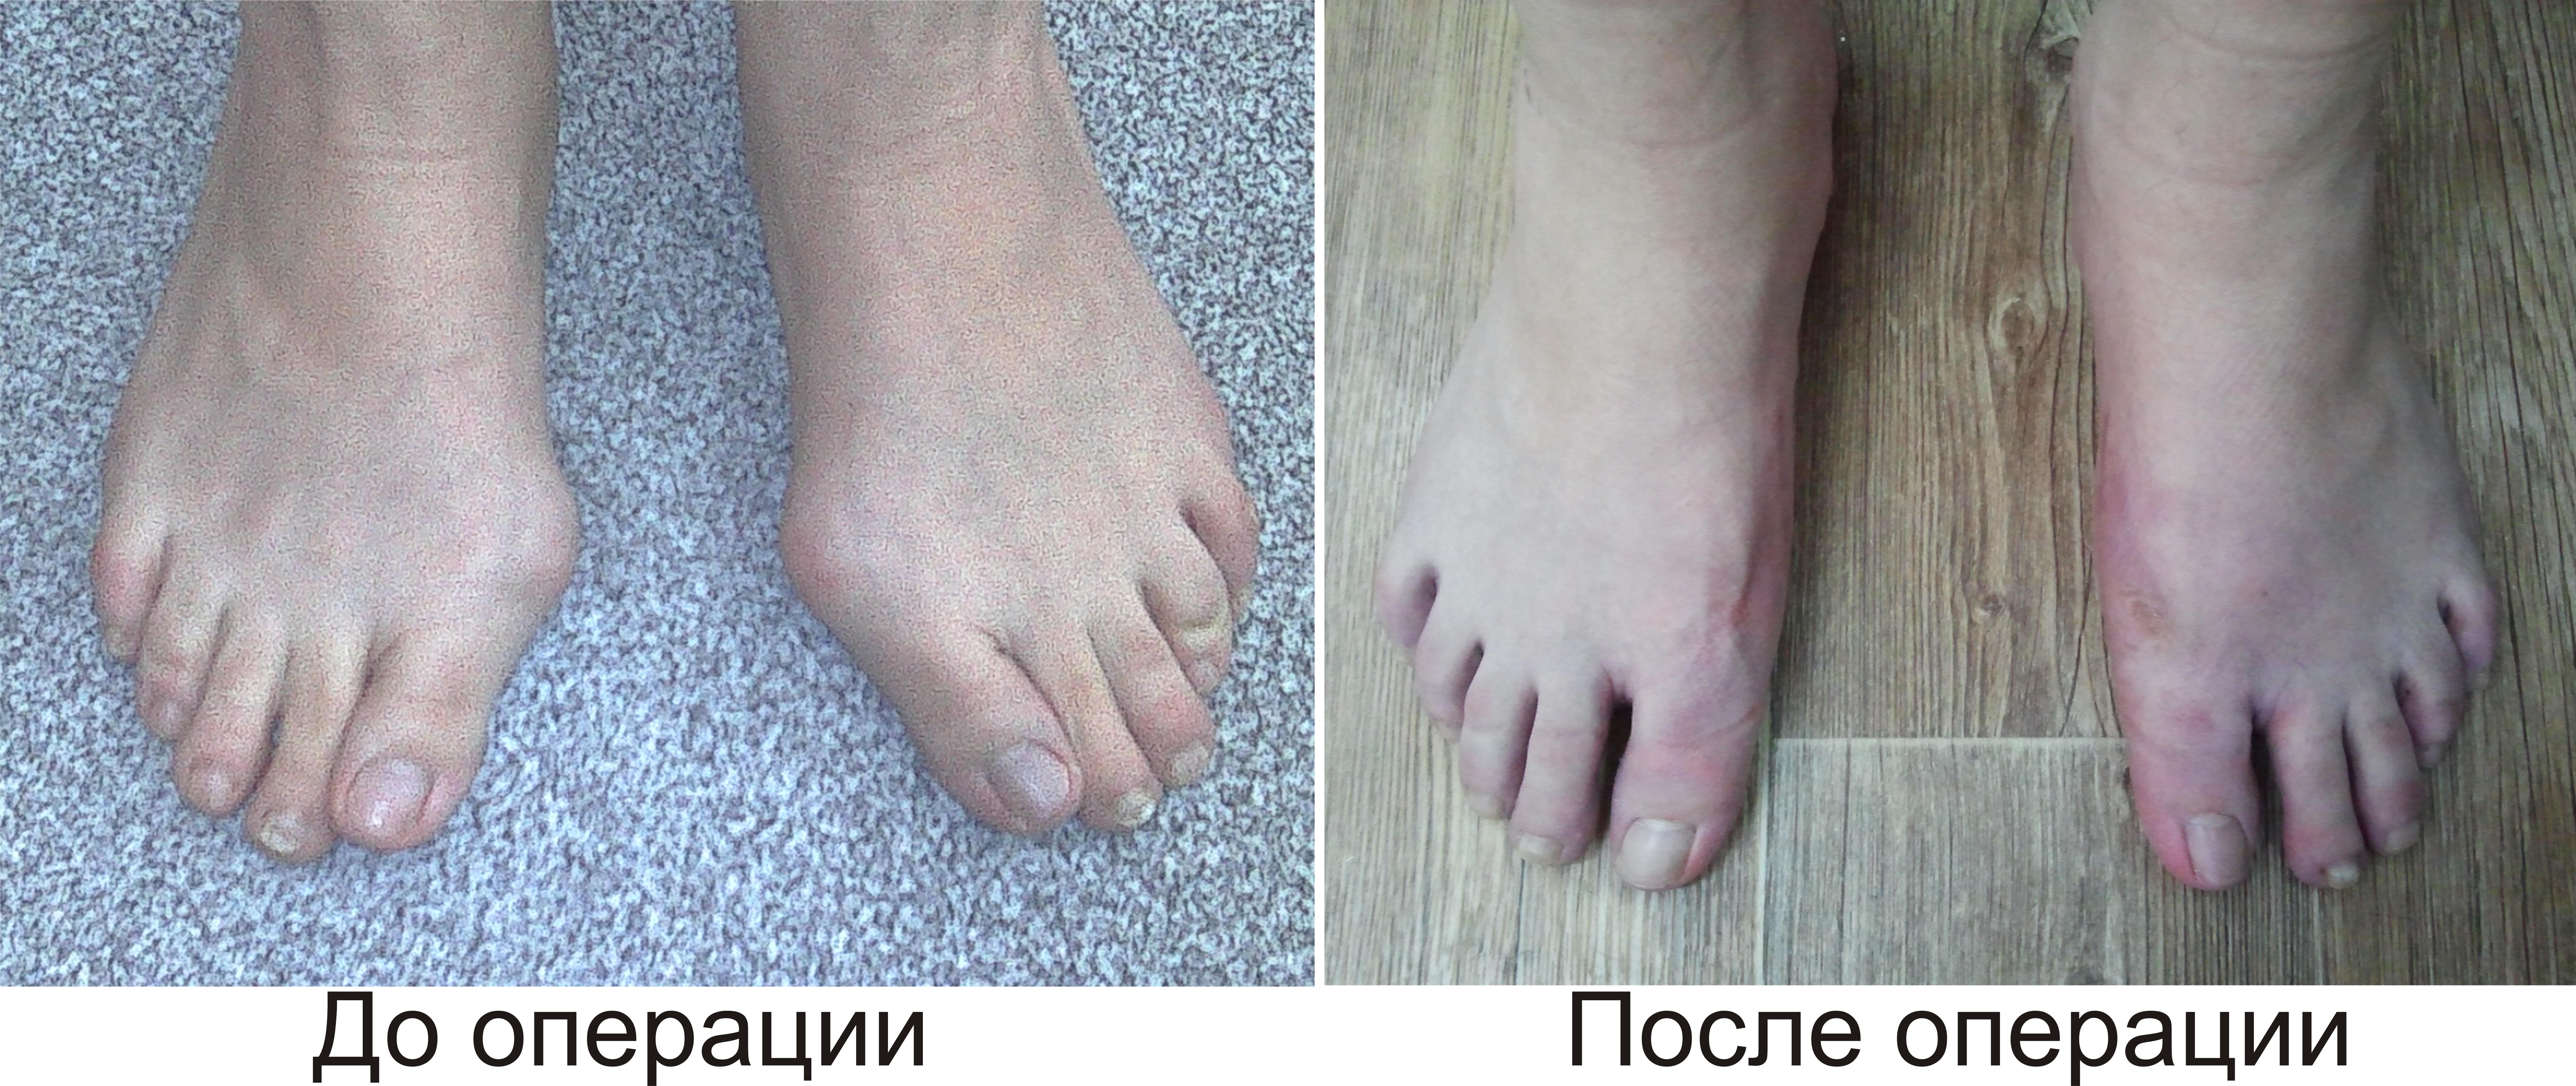 Удаление косточек на ногах виды операций на ногах реабилитация отзывы